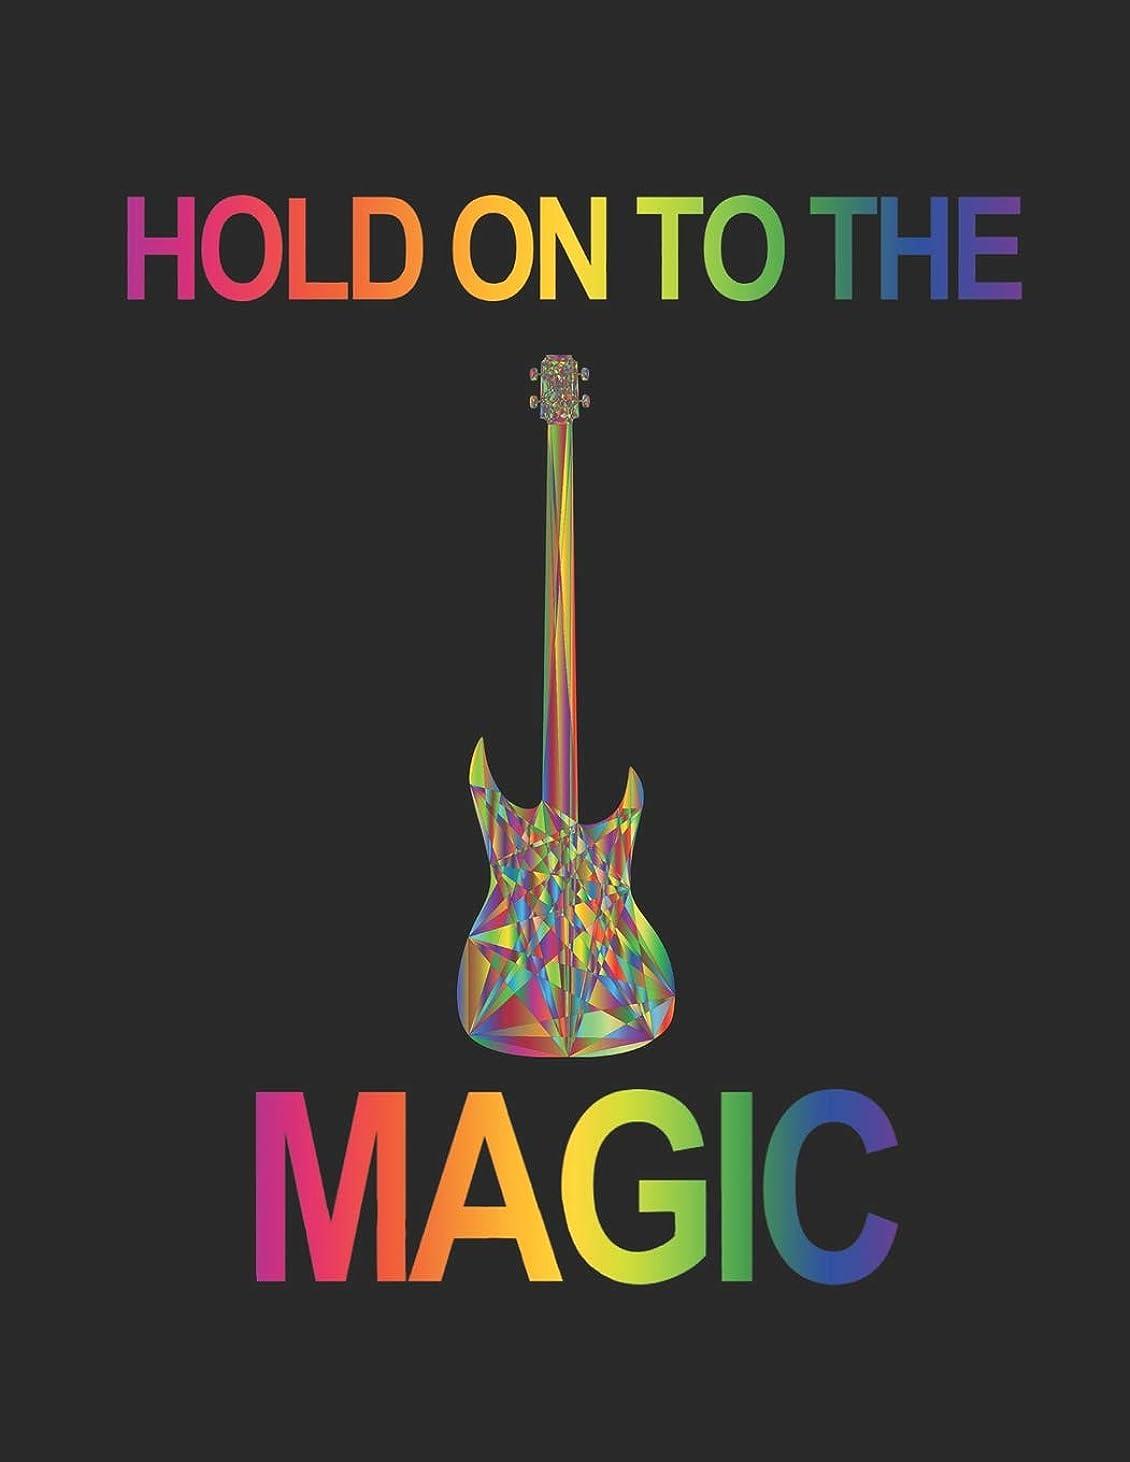 荒らす敗北オークHold on to the Magic: 120 pages of blank music manuscript paper. Each page containing 7 staves plus 5 guitar tabs 8.5